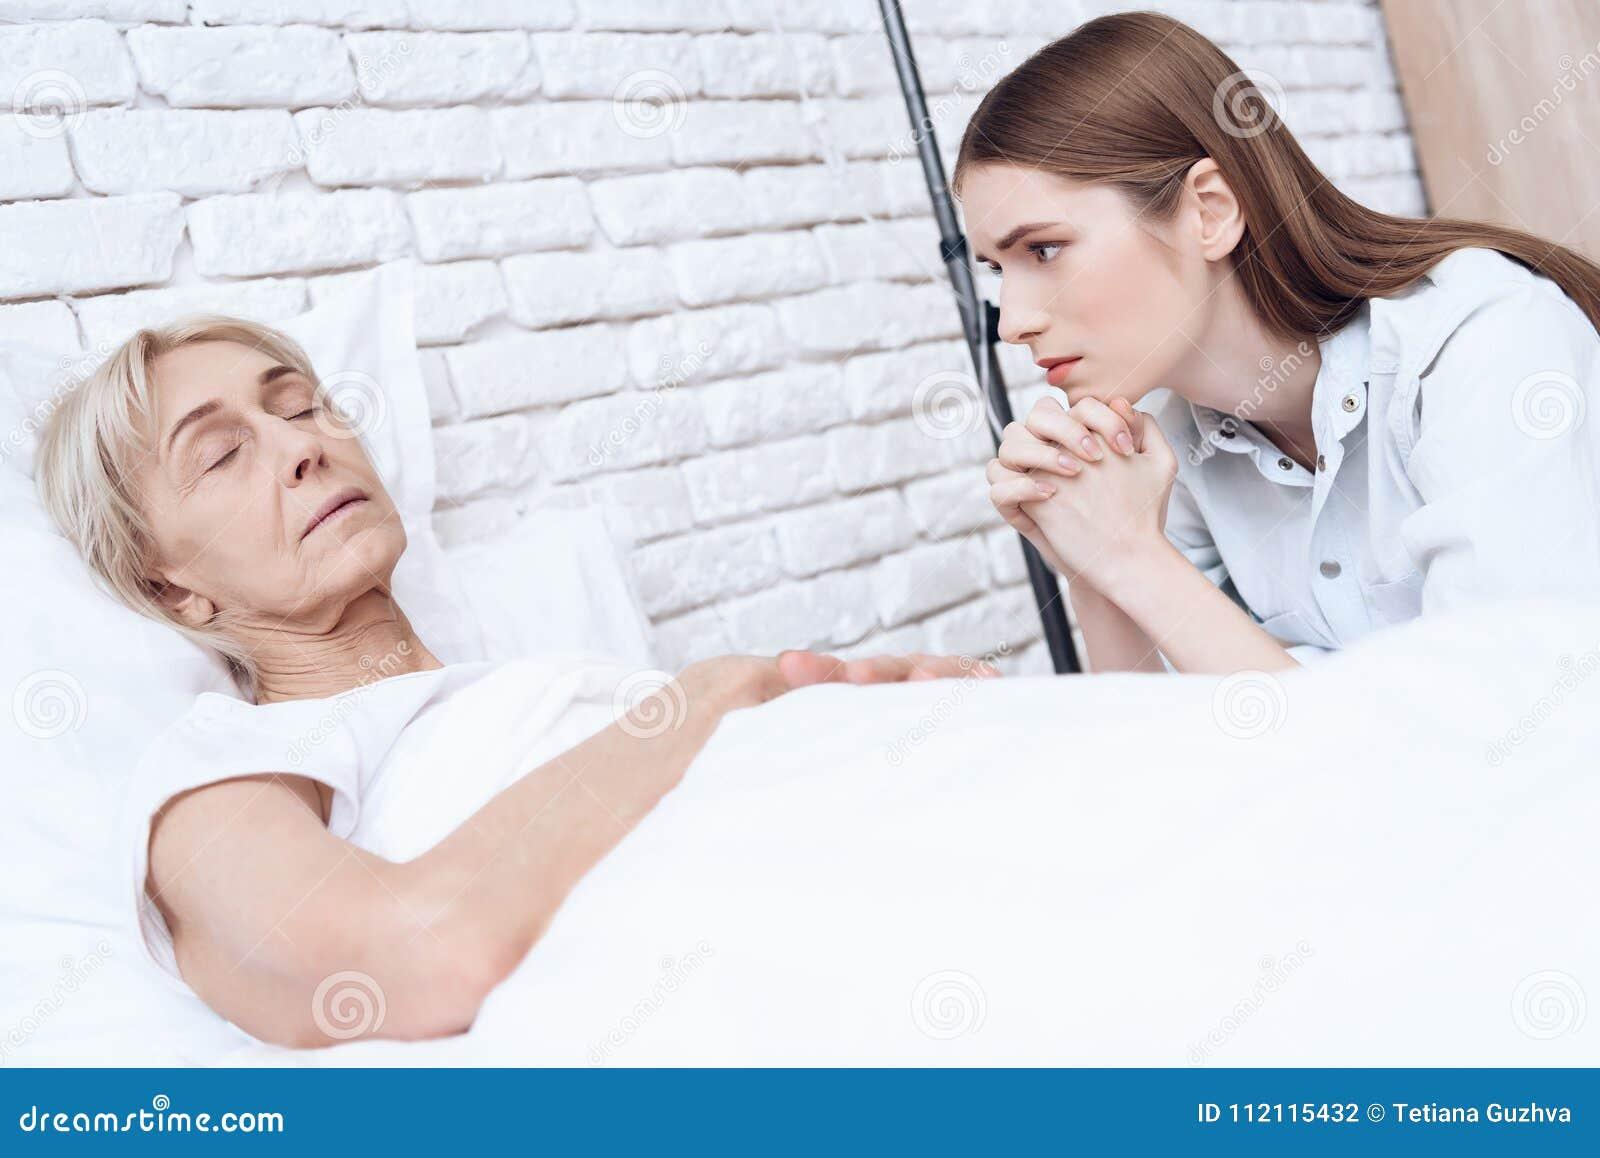 La muchacha está cuidando a la mujer mayor en casa La mujer se está sintiendo mal, muchacha está preocupada de ella